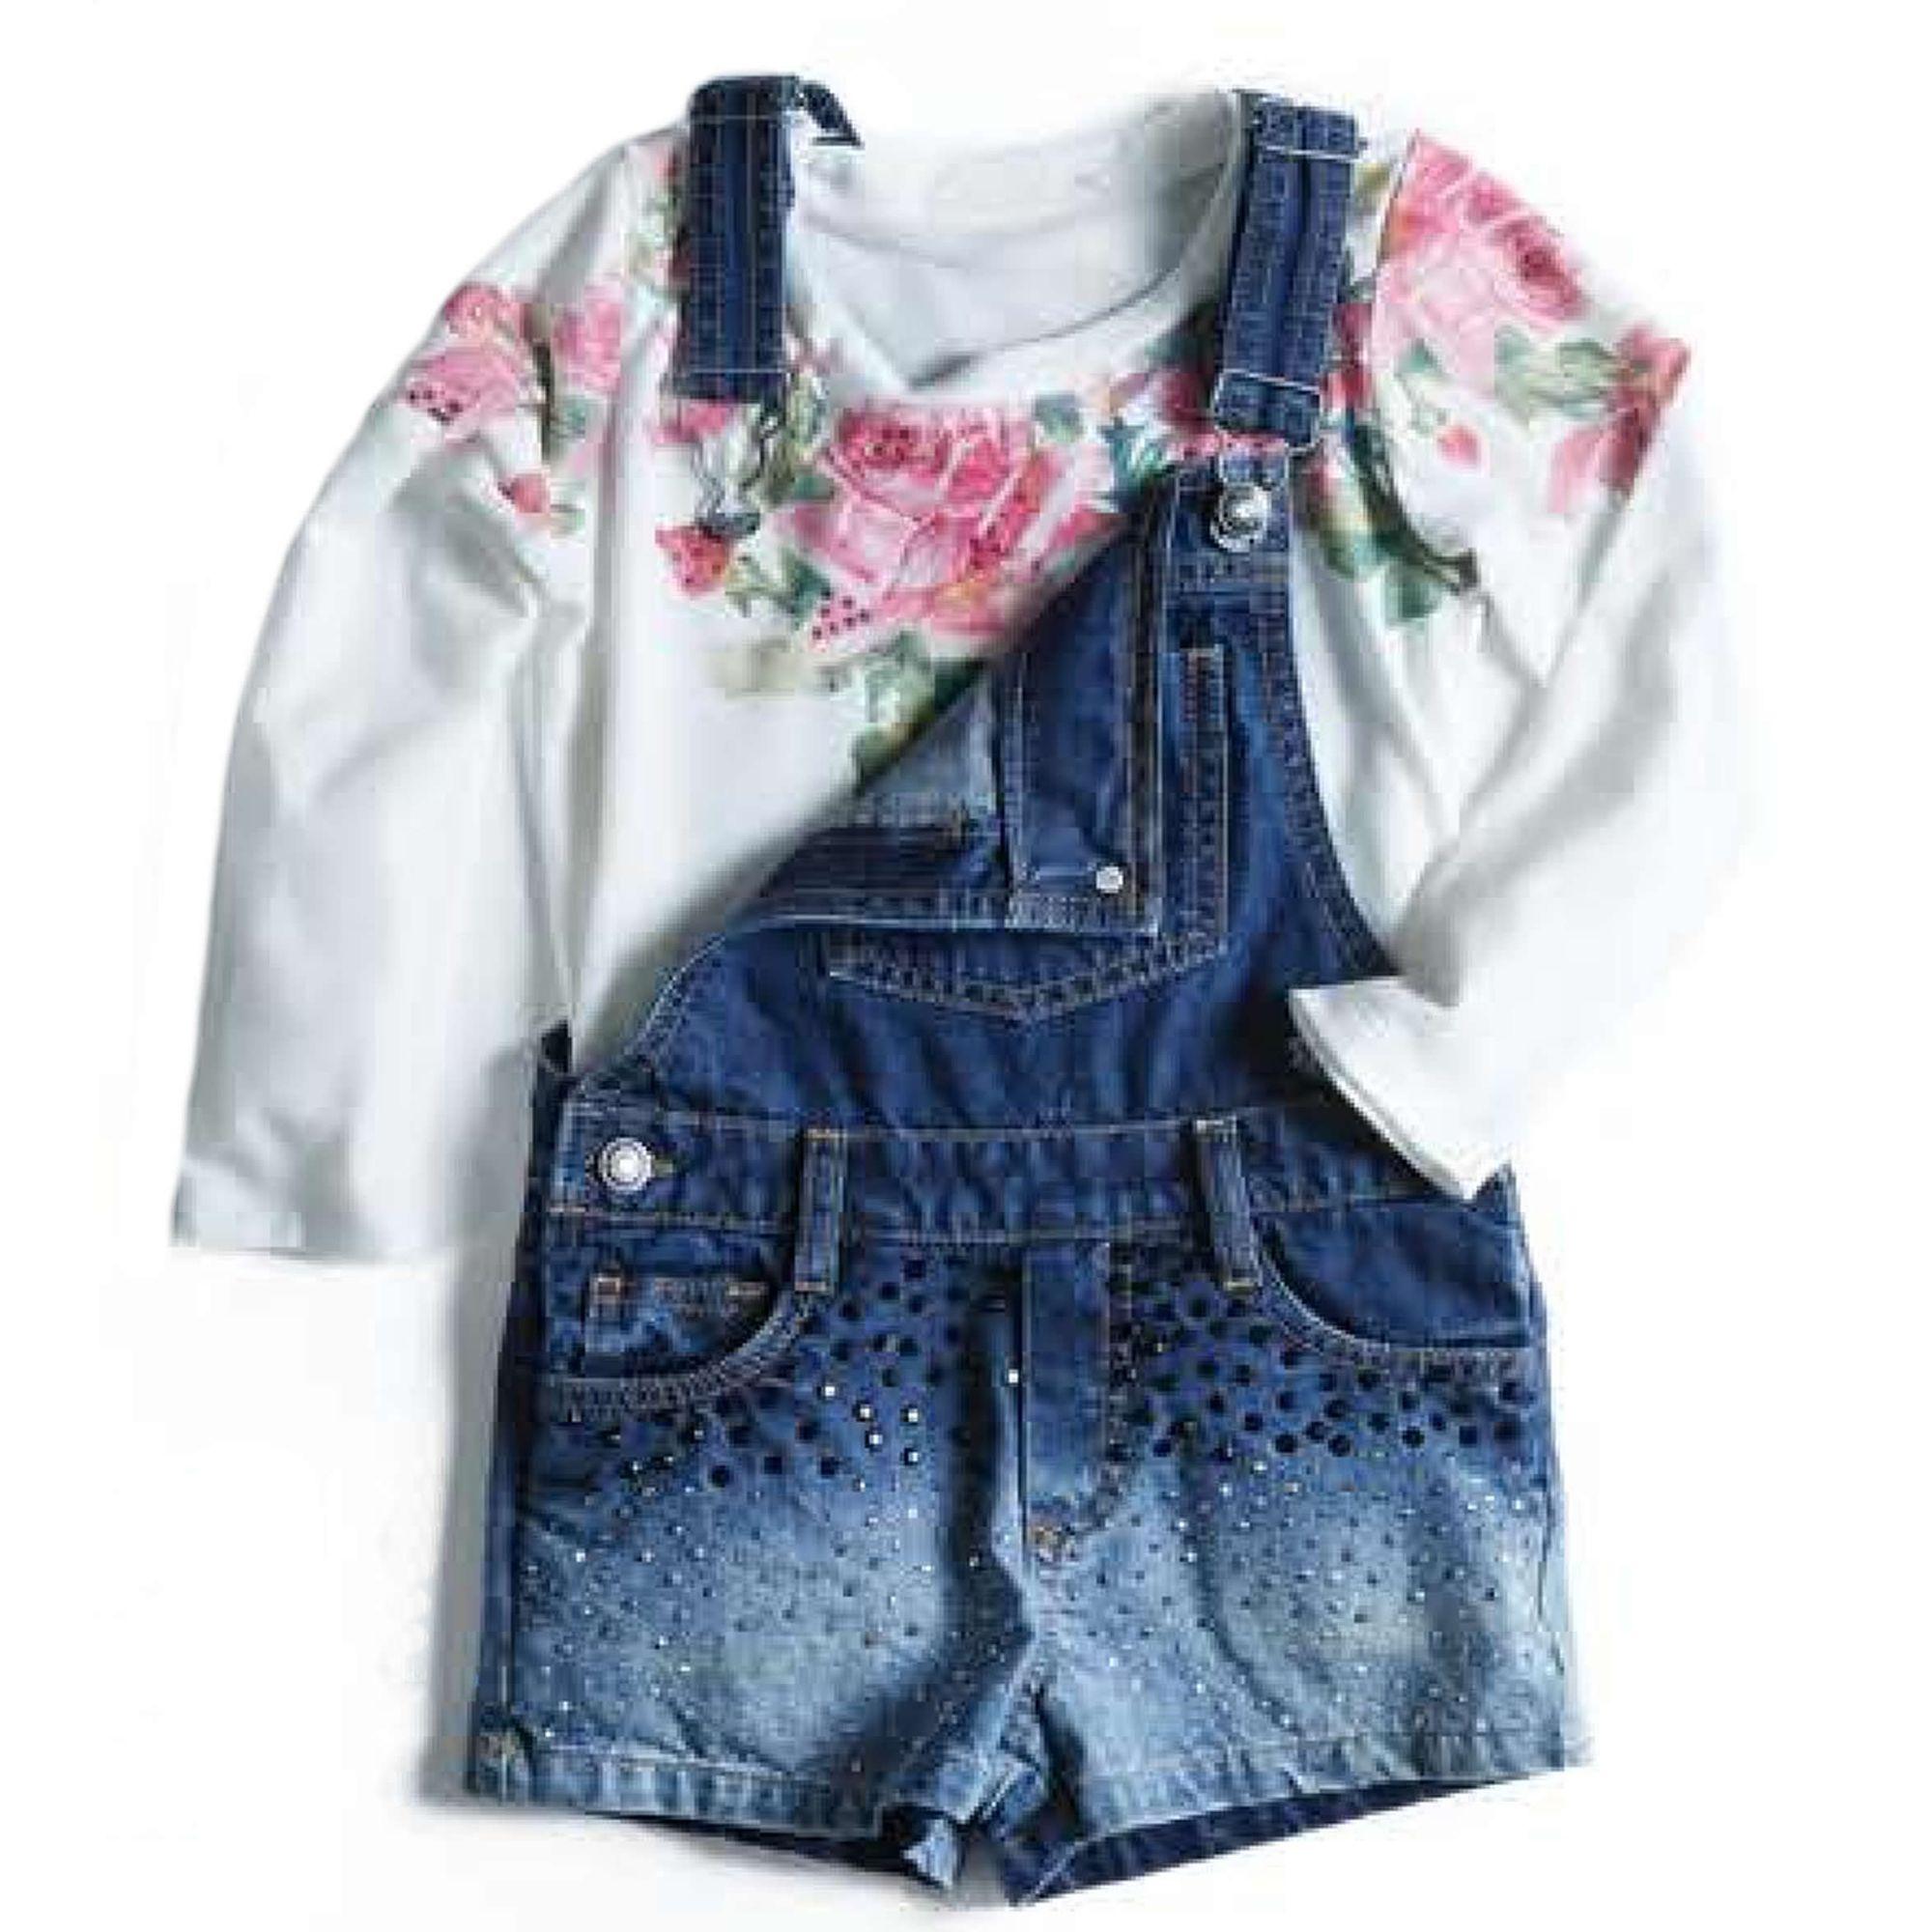 jardineira-menina-jeans-com-aplique-e-camiseta-flores-infantil